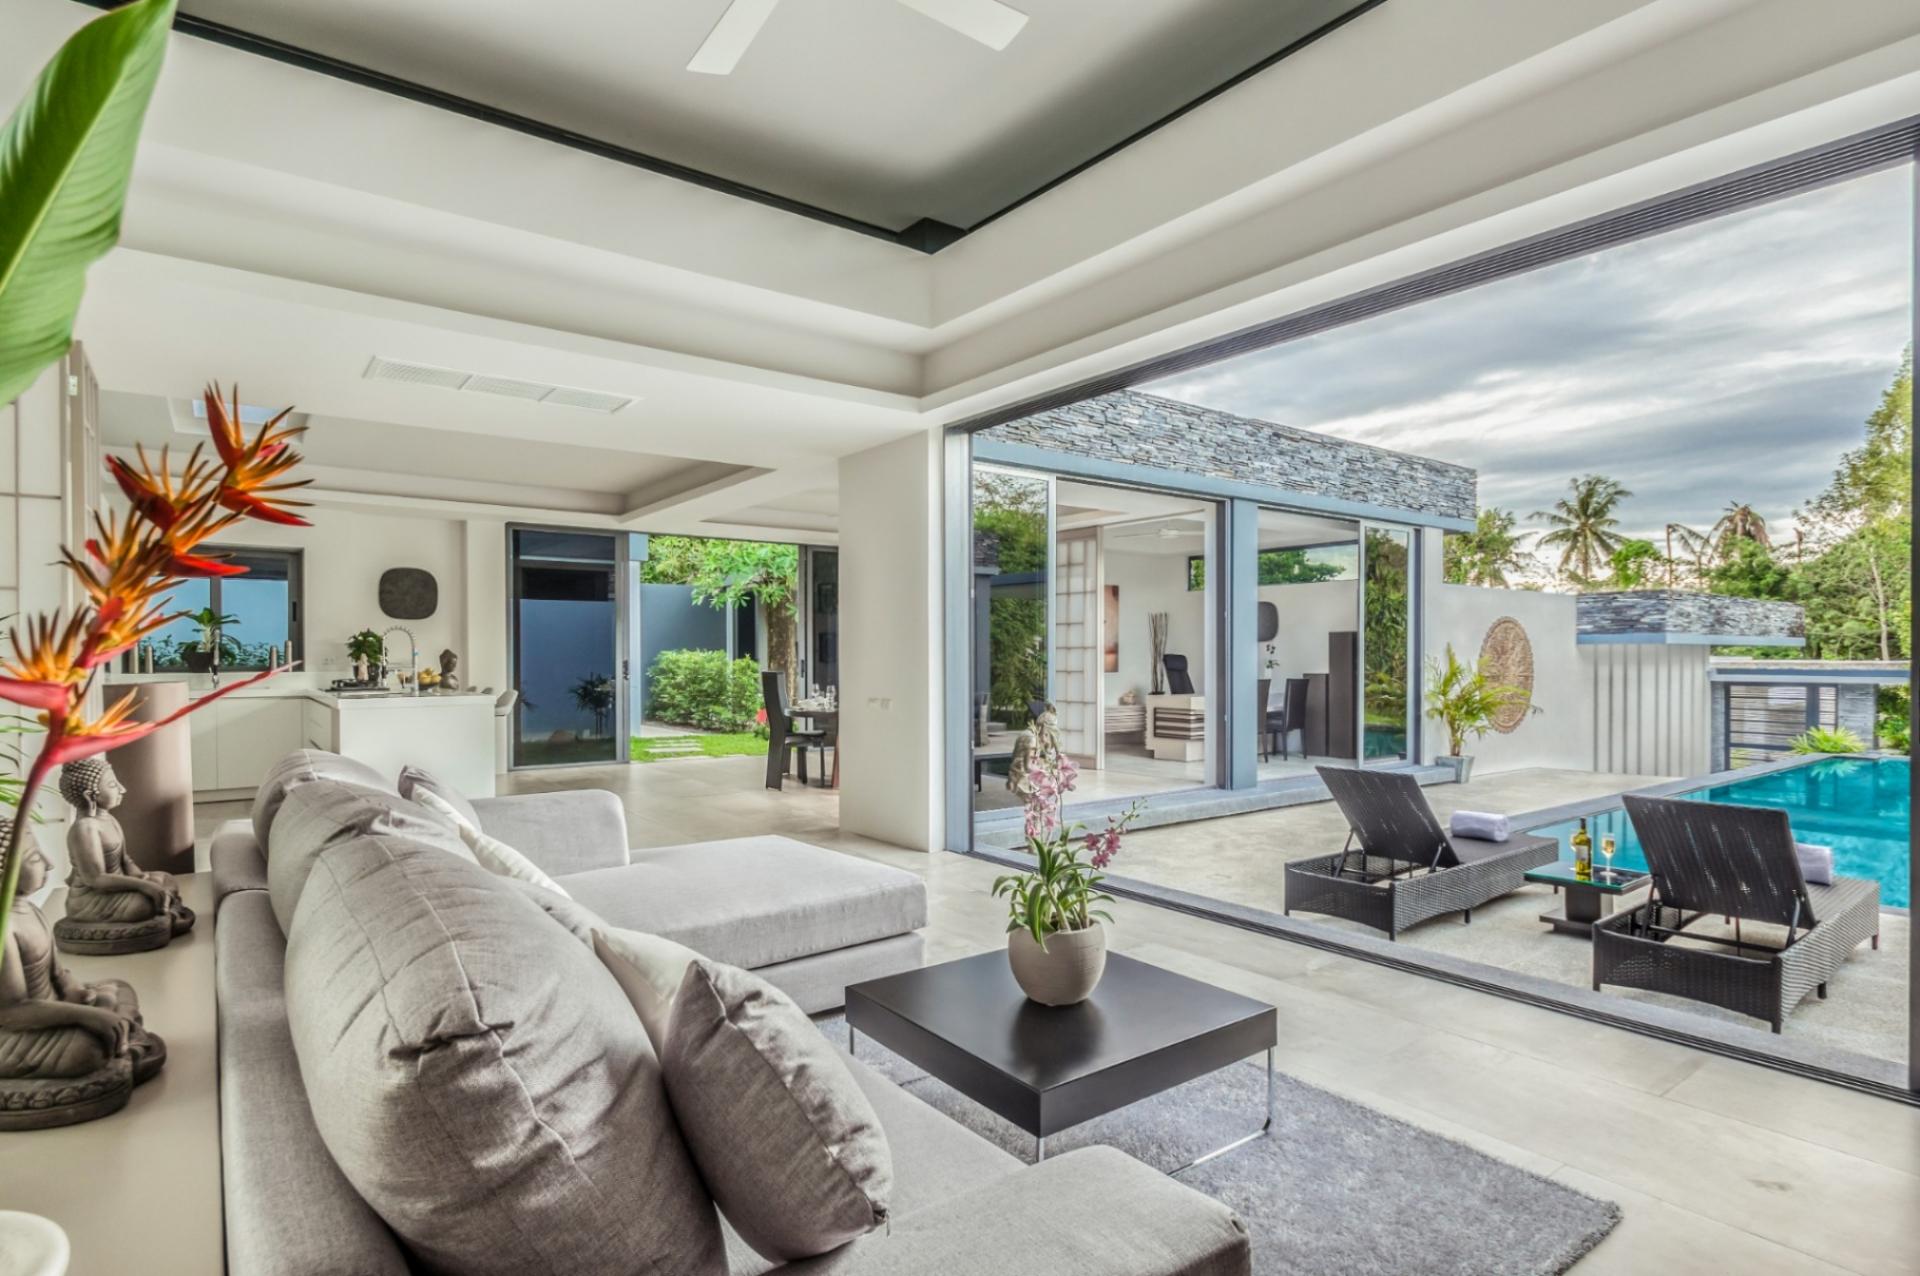 See 3-4 Bed Pool Villas details